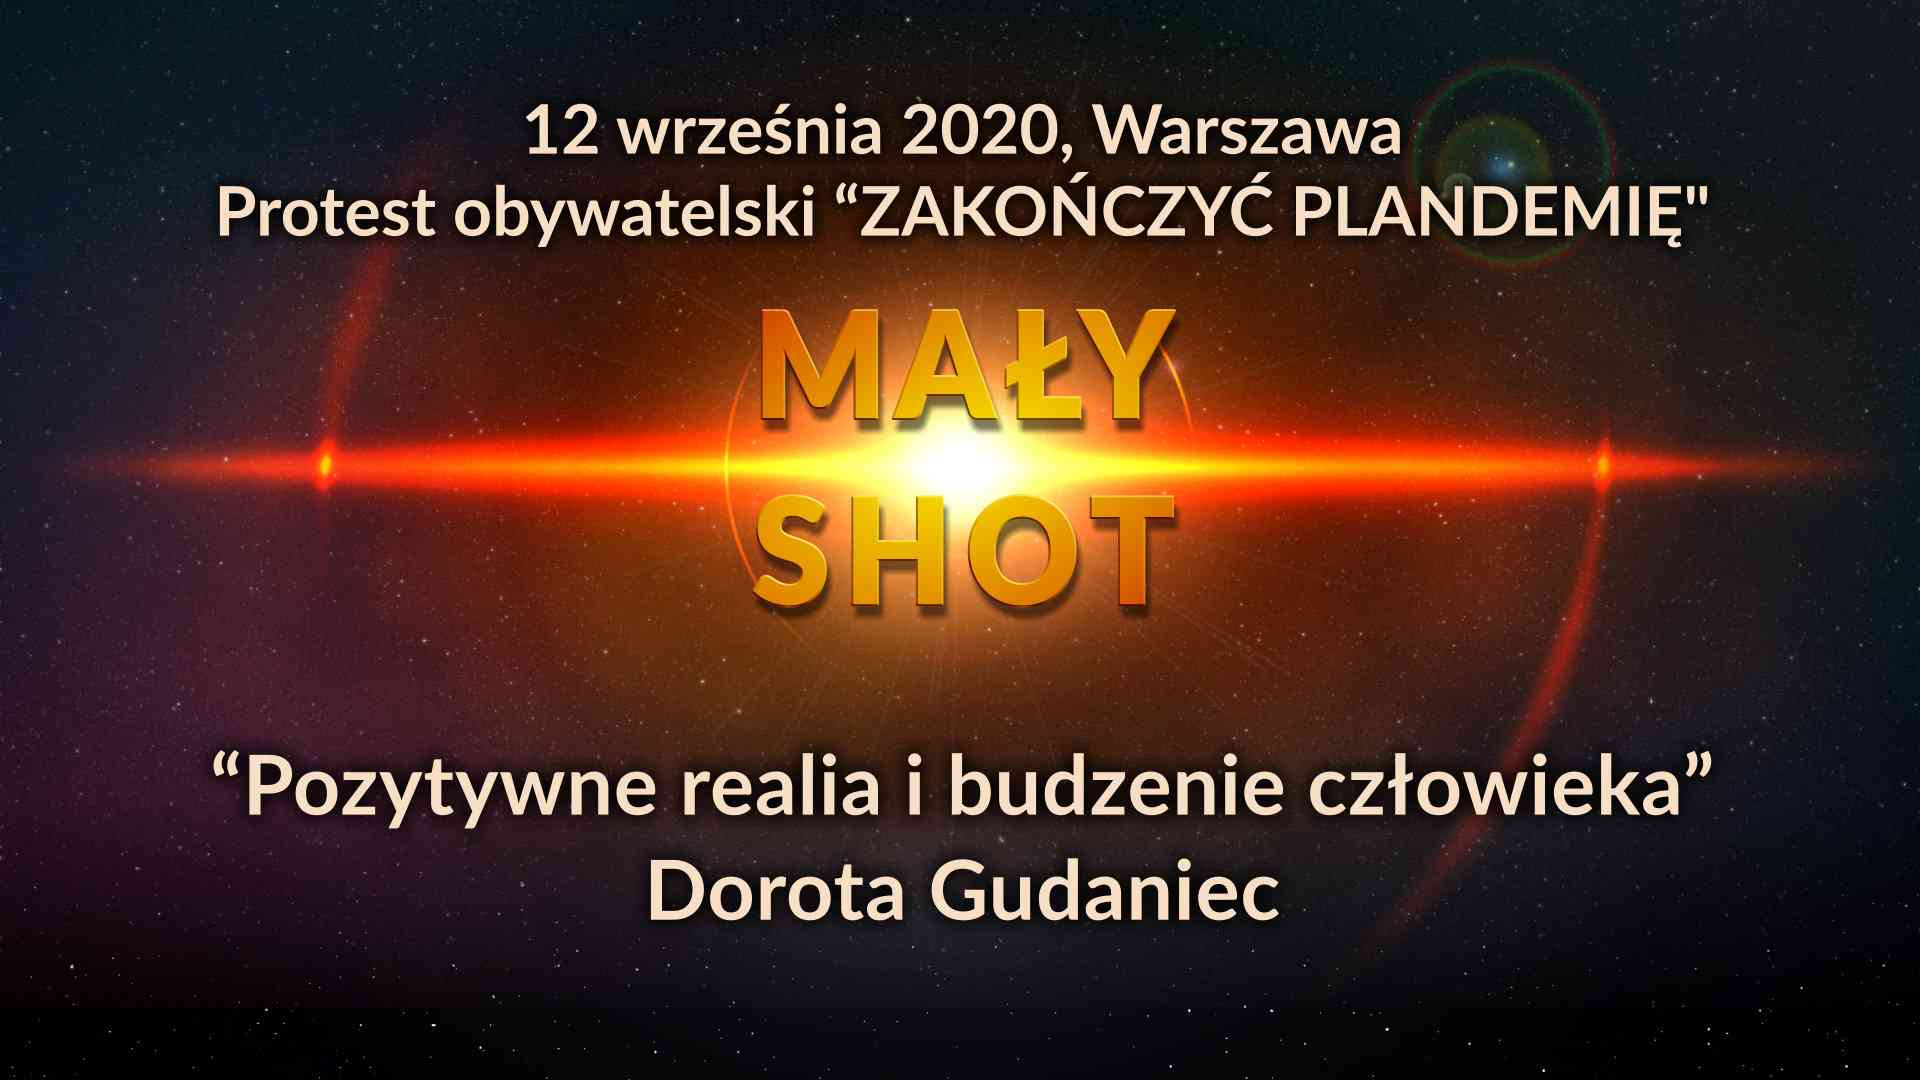 """Dorota Gudaniec - """"Pozytywne realia i budzenie człowieka"""""""